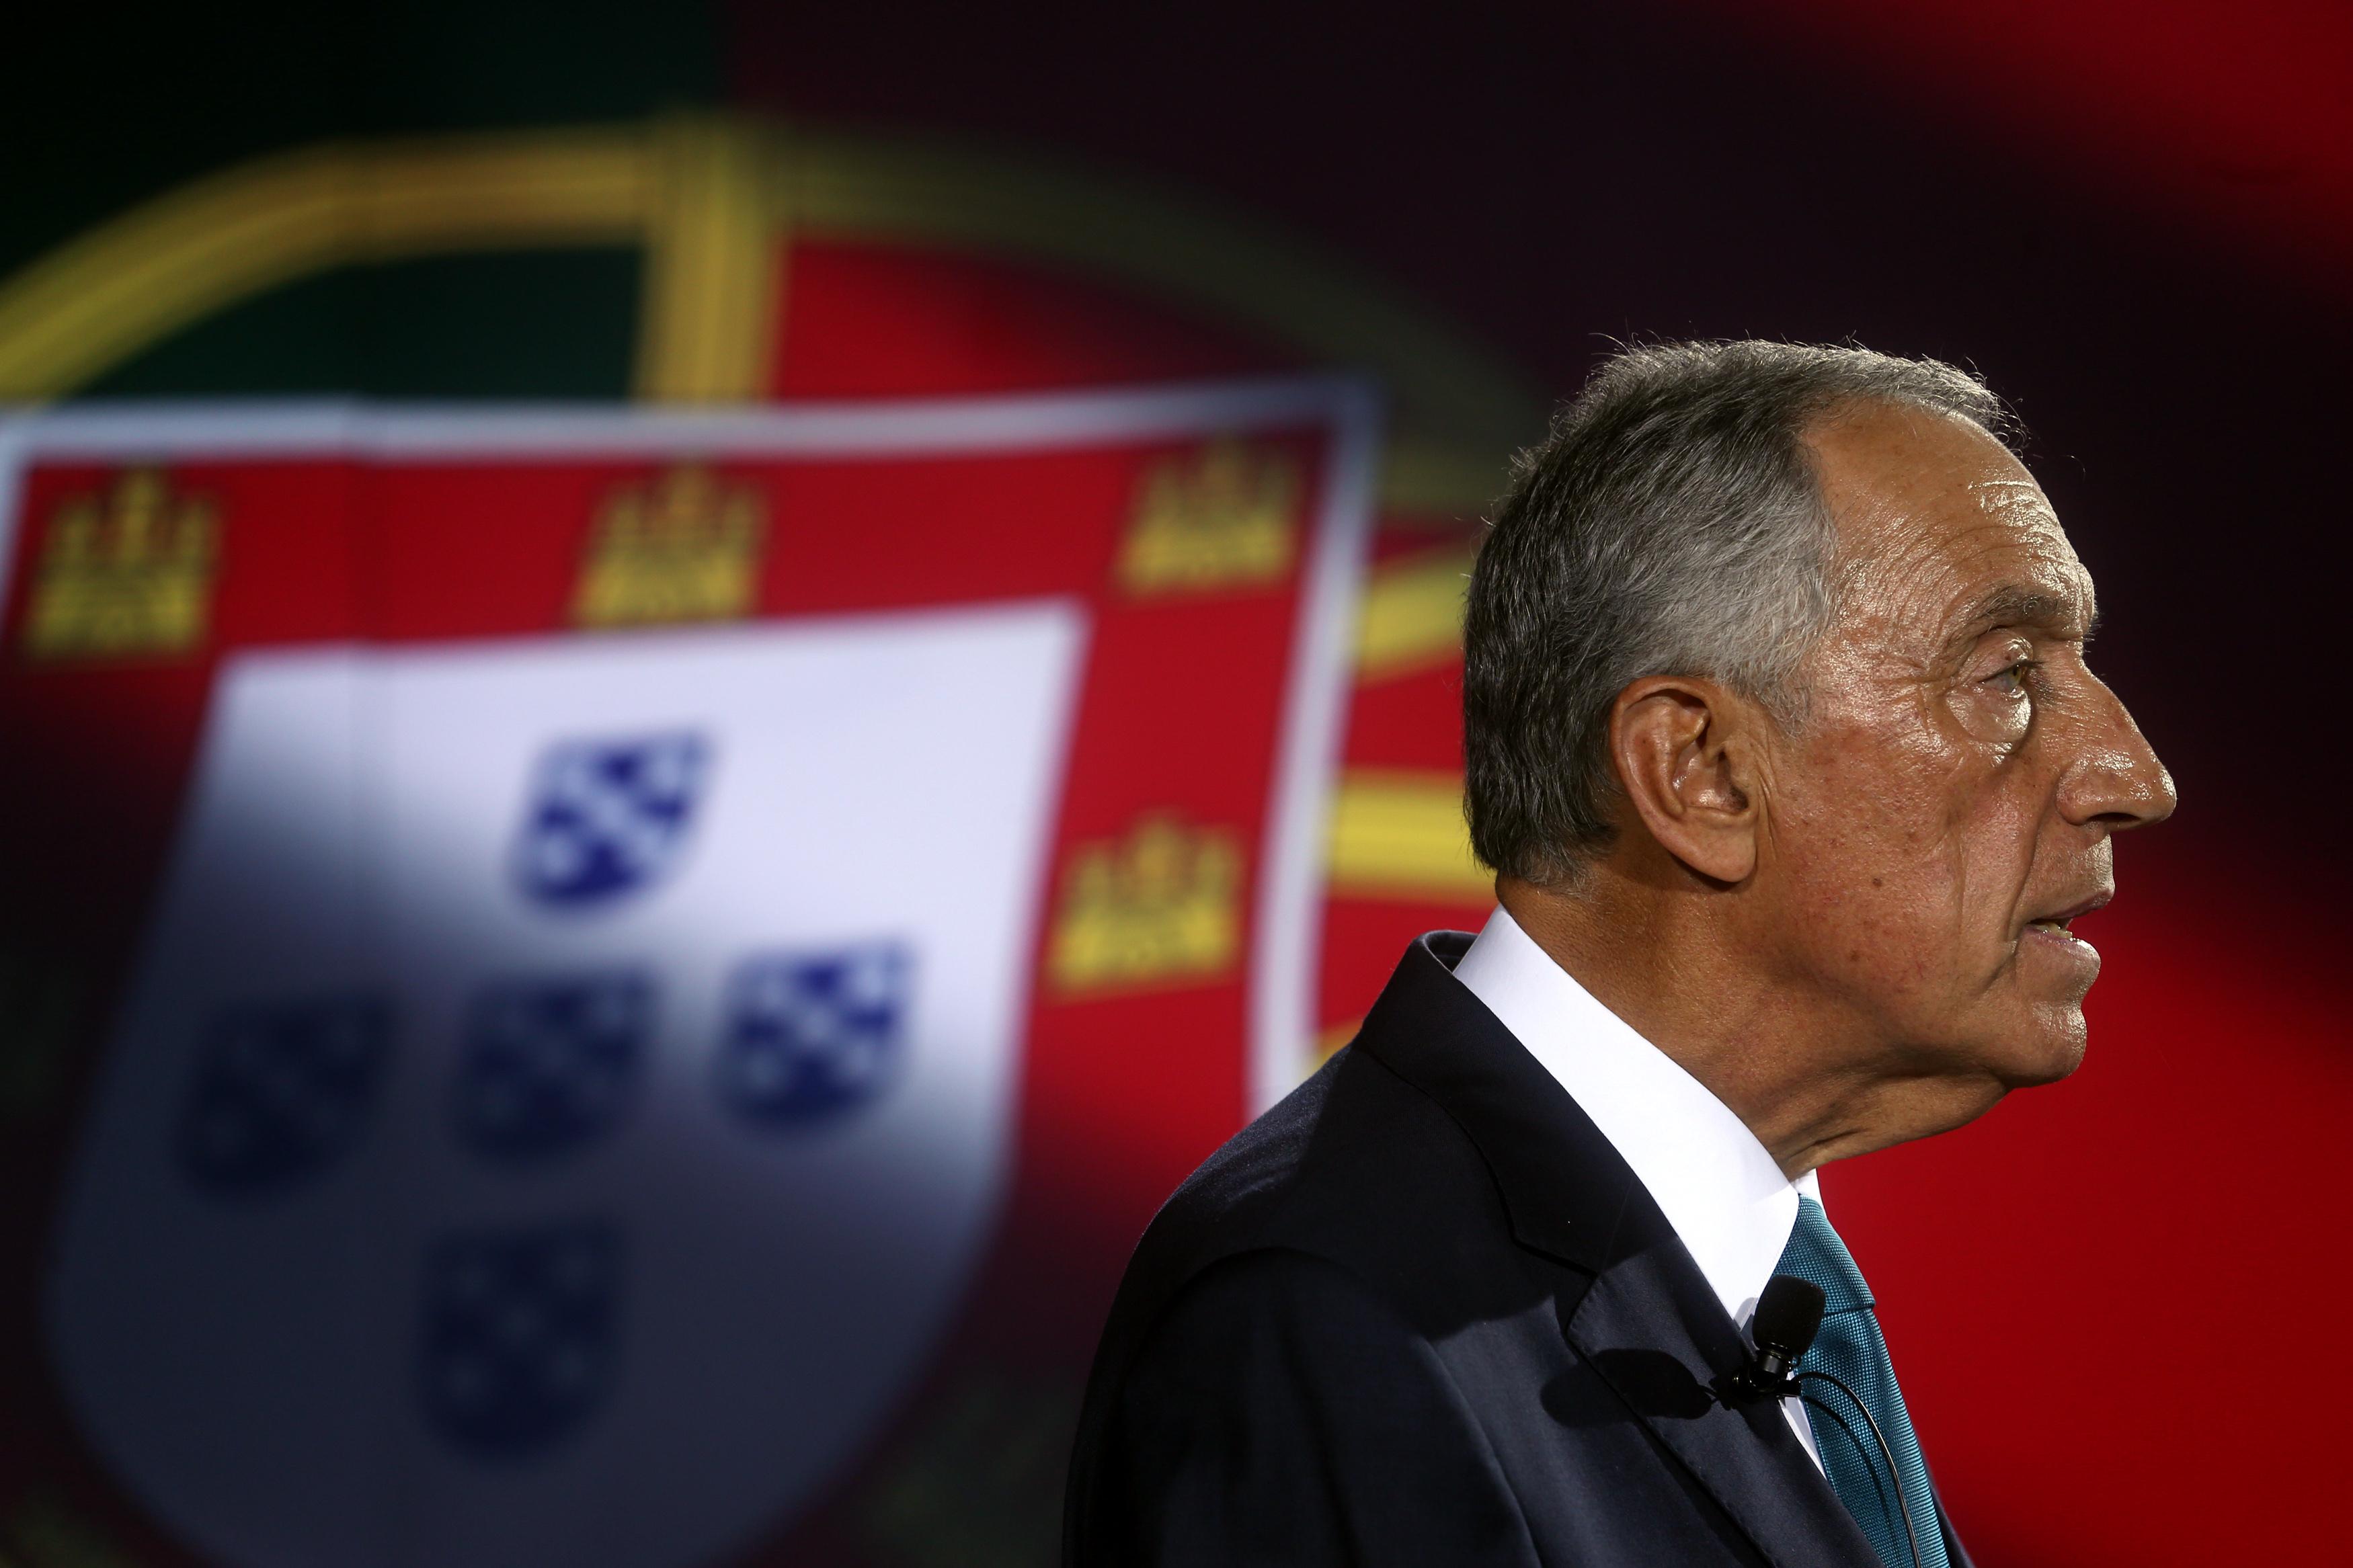 Imagem de Marcelo Rebelo de Sousa de perfil, com bandeira de Portugal como pano de fundo.